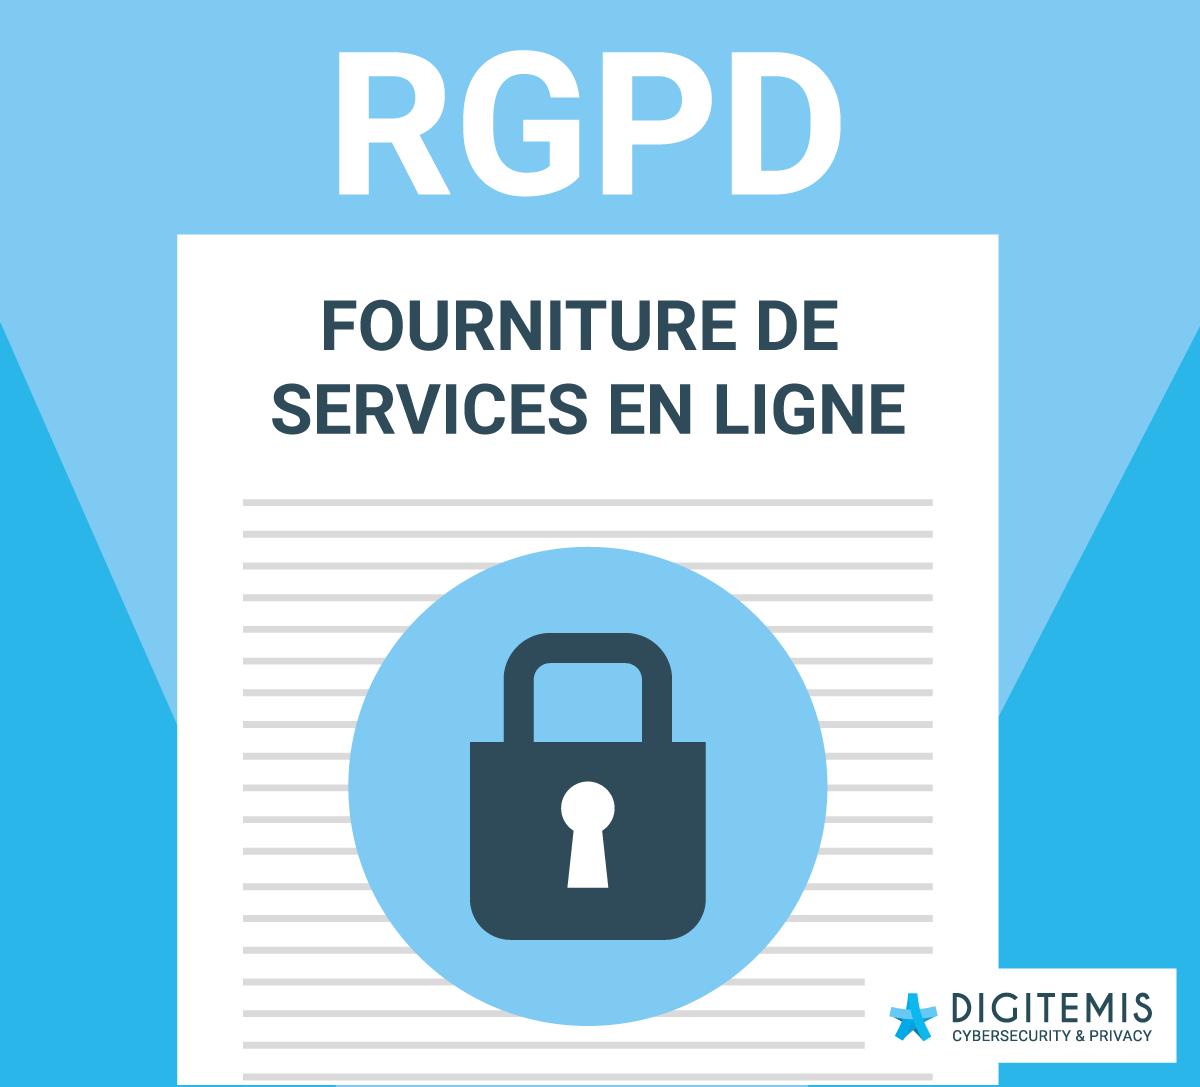 Comment bien utiliser la base juridique contractuelle selon l'EDPB ?